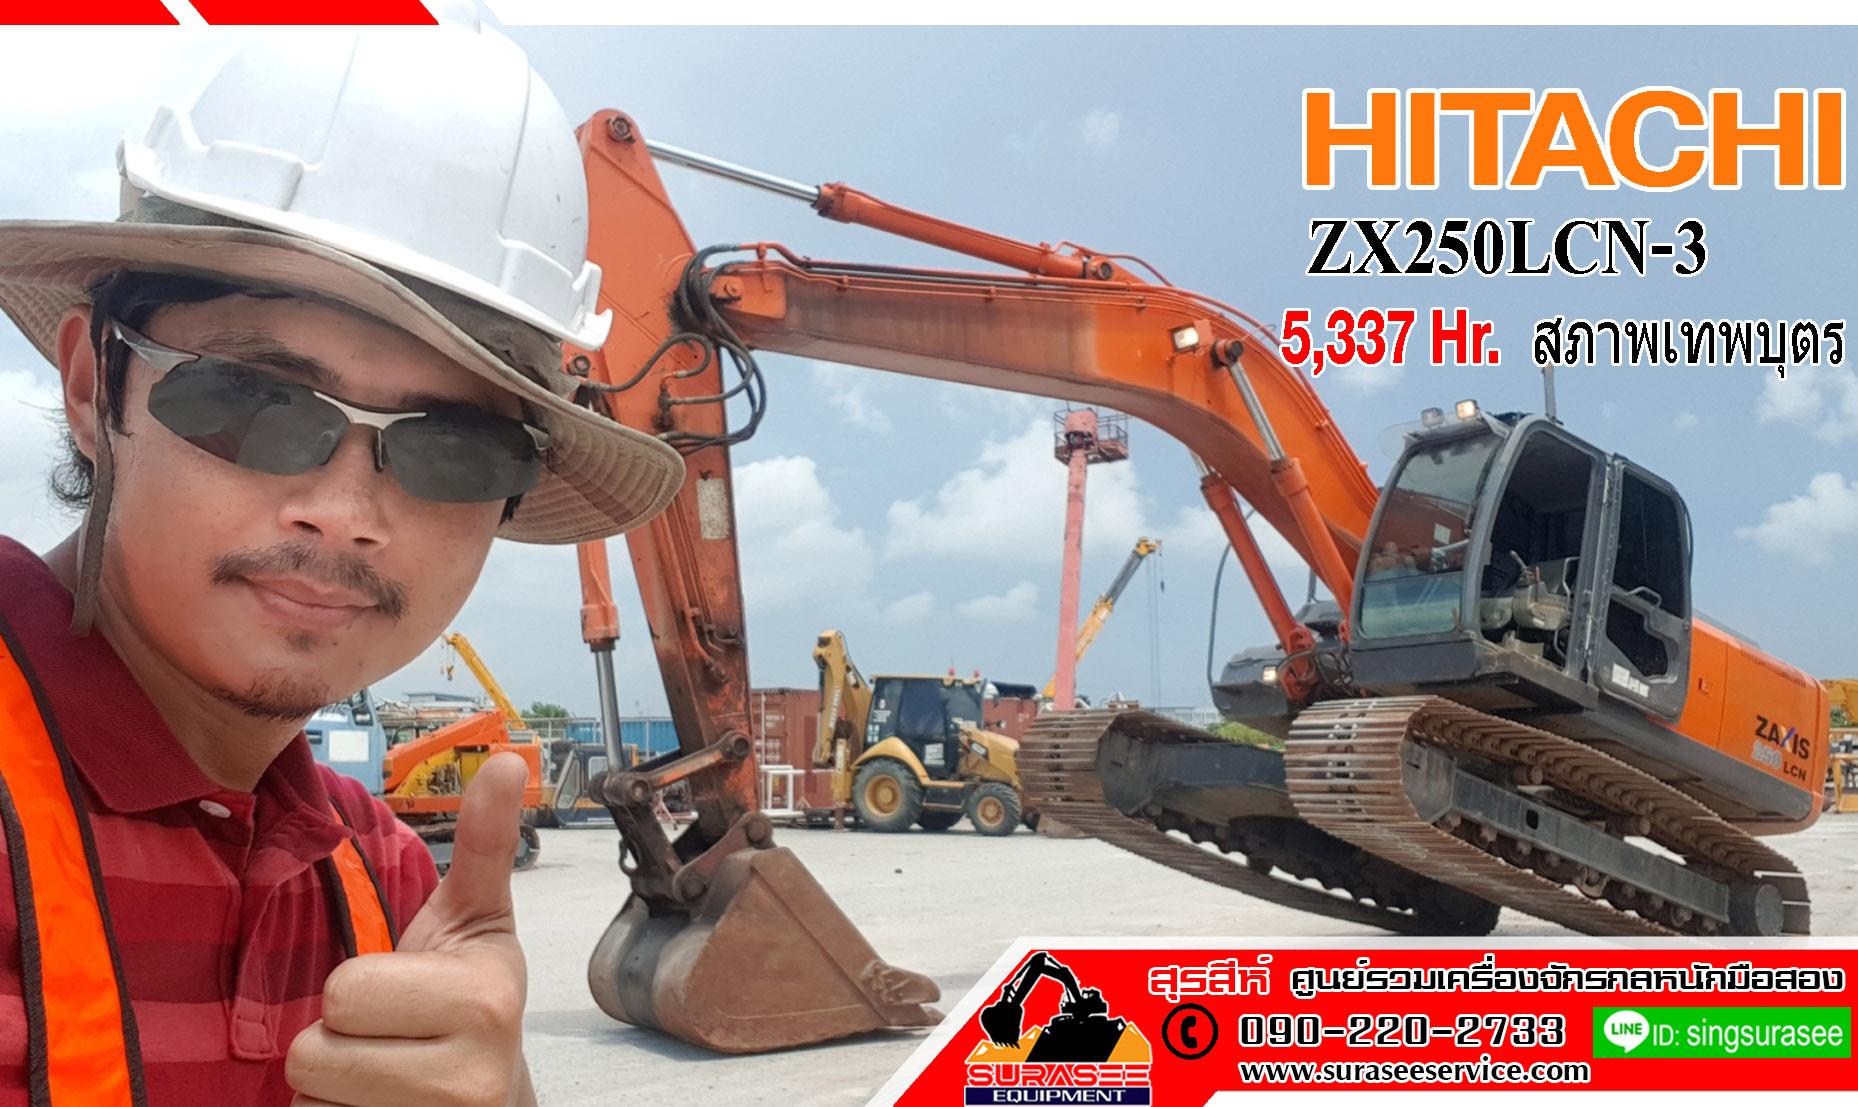 #รถสเปคงานก่อสร้างและงานรื้อถอน  HITACHI ZX250LCN-3